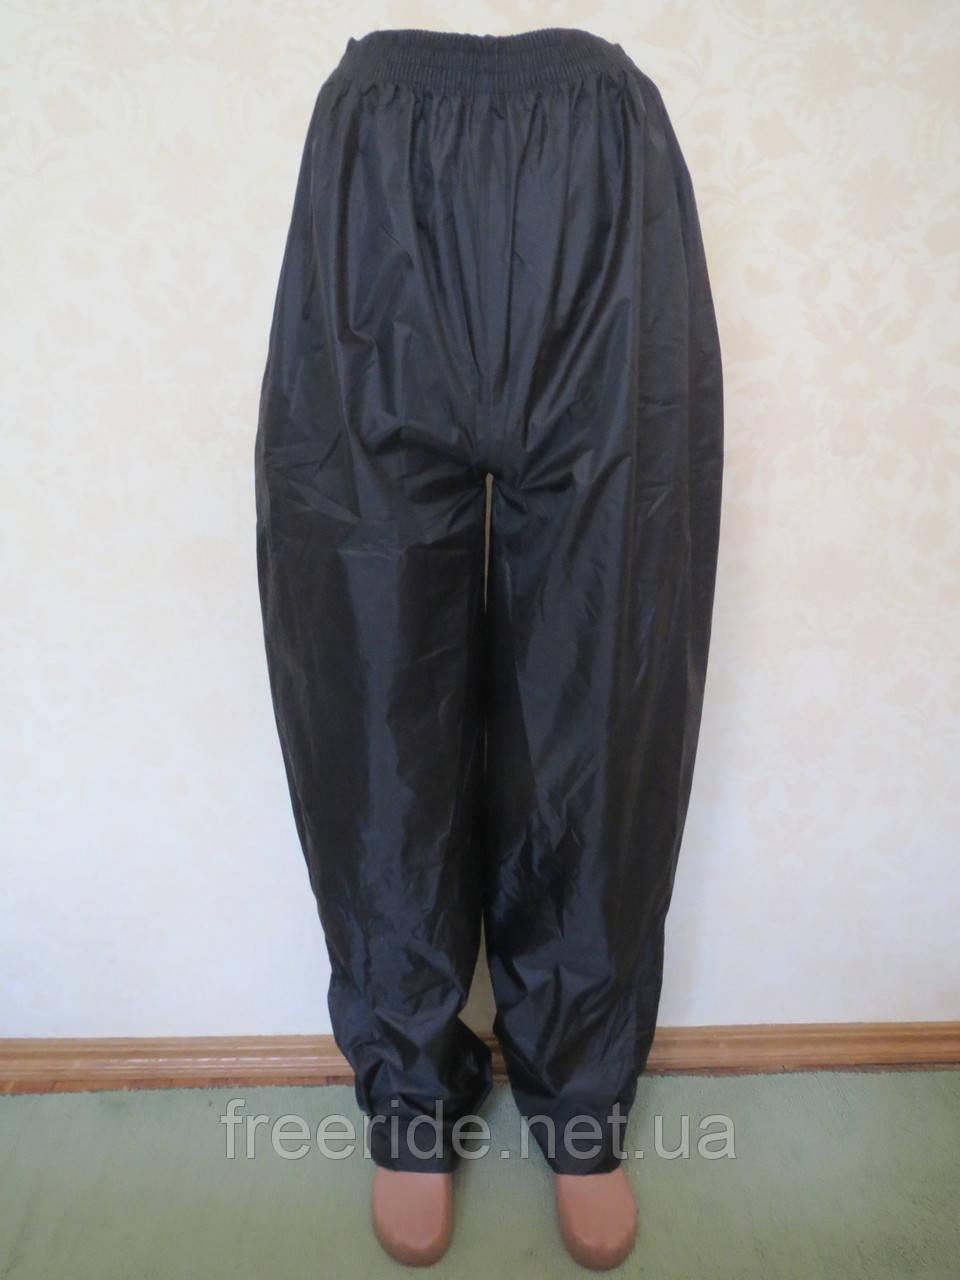 Непромокаемые штормовые штаны SOB (L) на рост 190